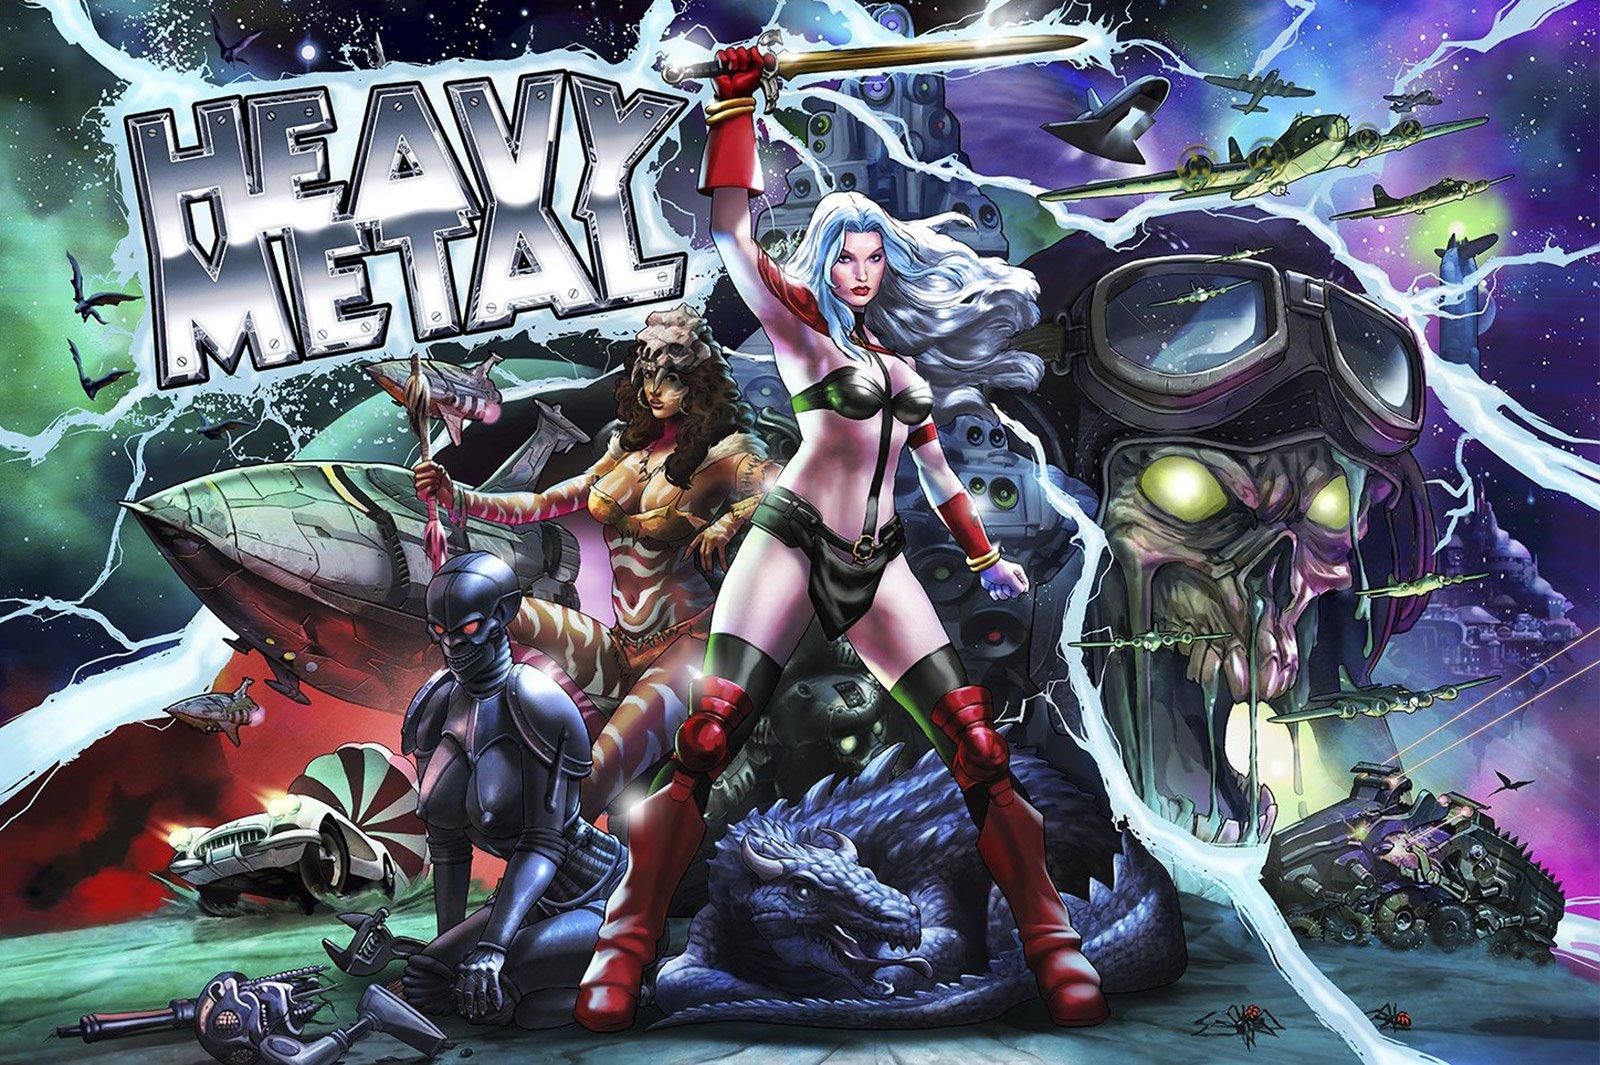 Heavy Metal Flipper